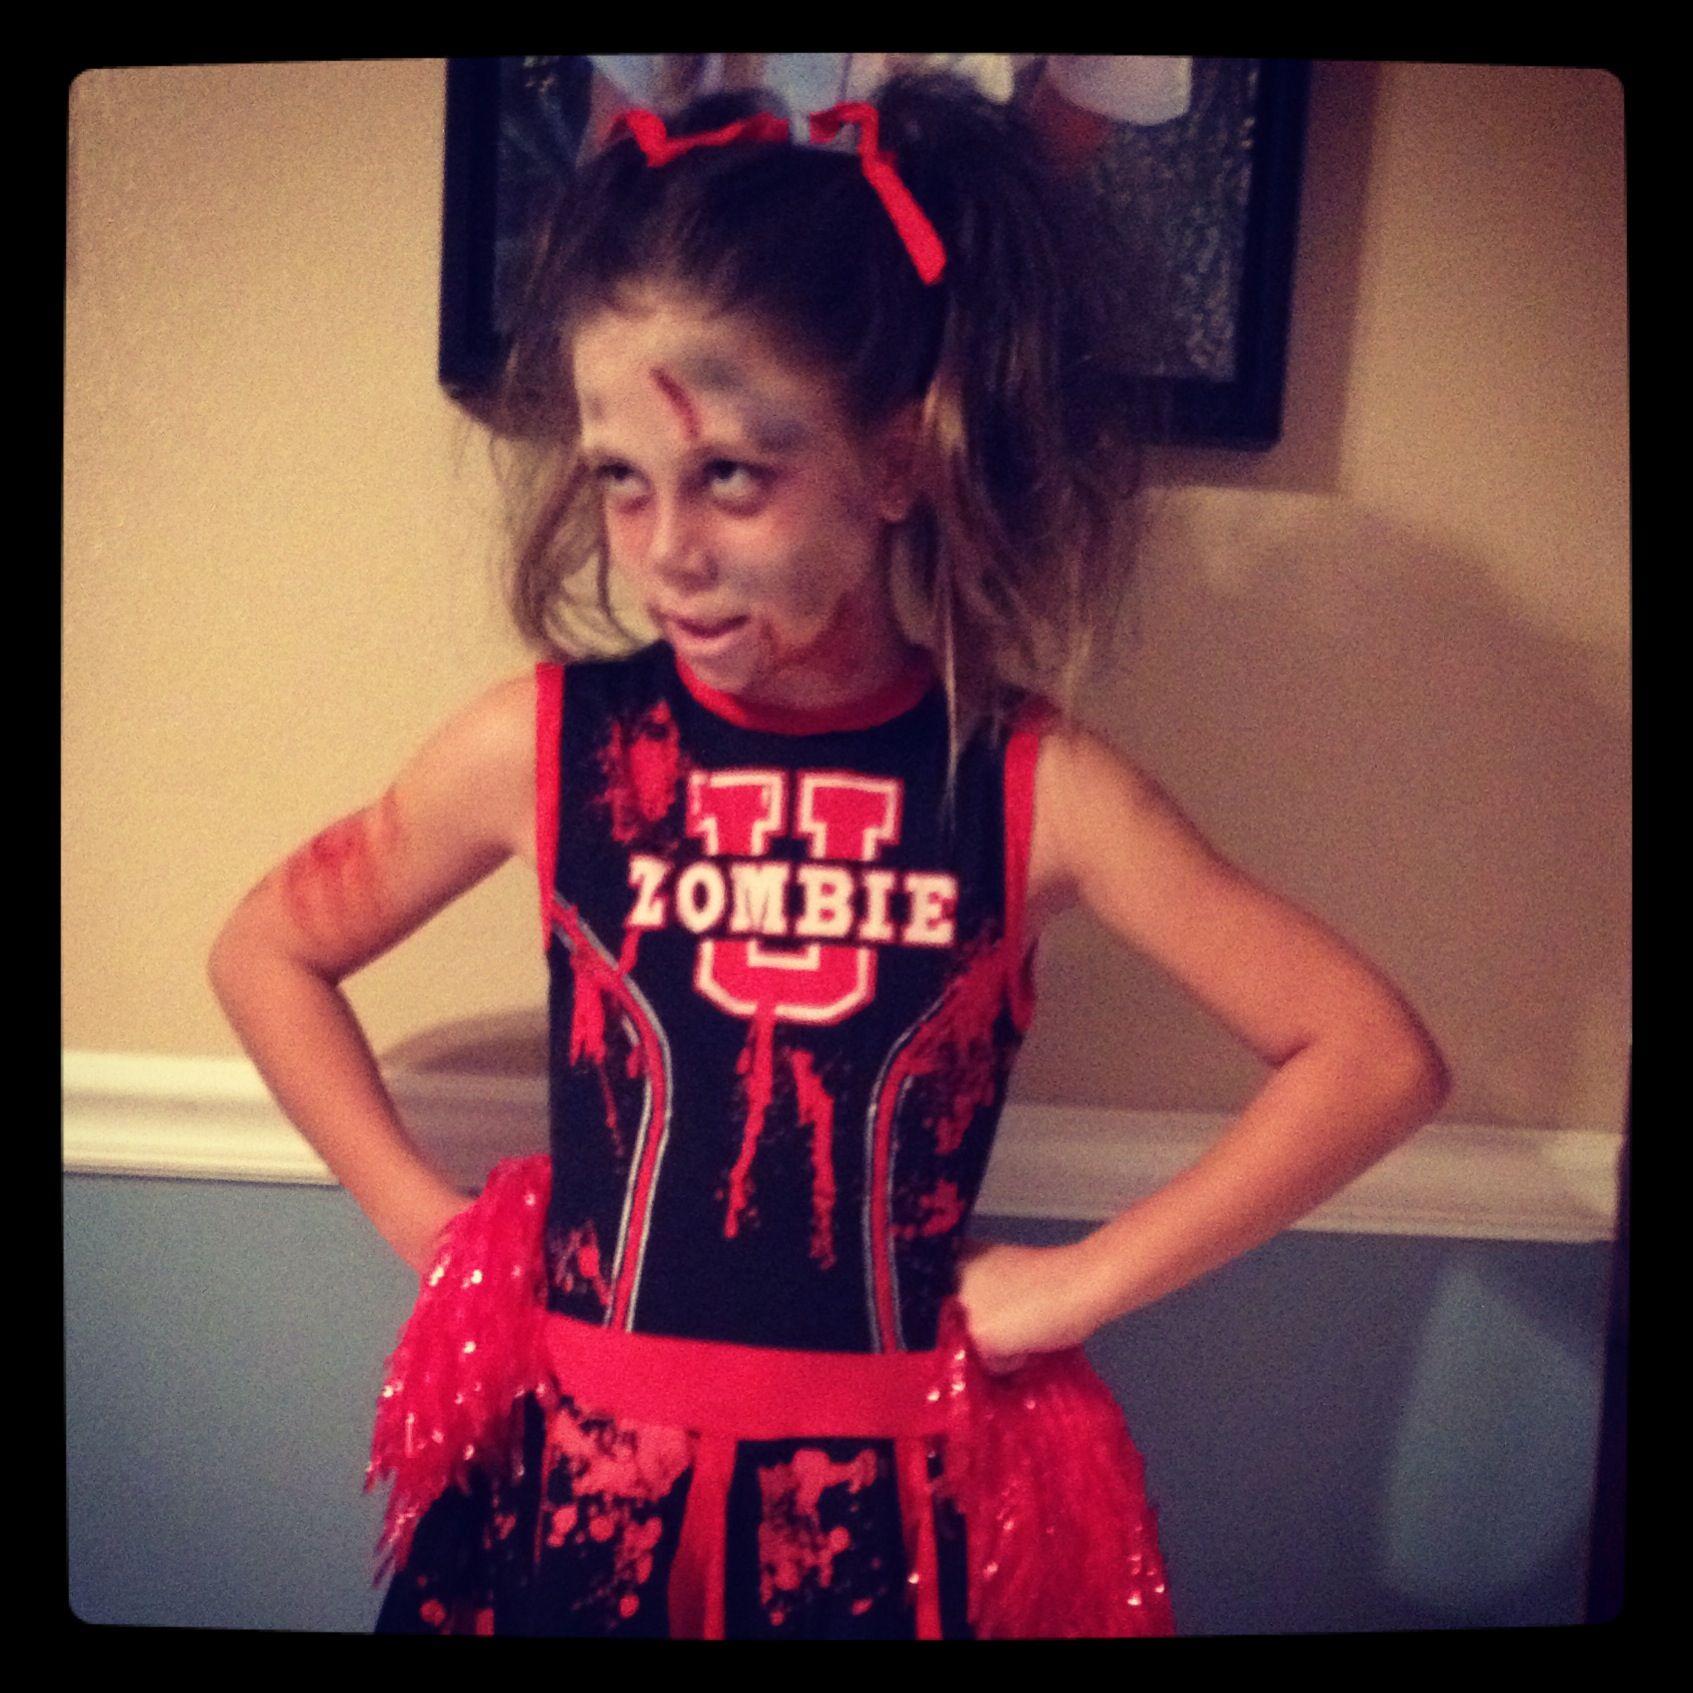 Zombie Cheerleader Halloween Costume Makeup  sc 1 st  Pinterest & Zombie Cheerleader Halloween Costume Makeup | Cheerleader zombie ...